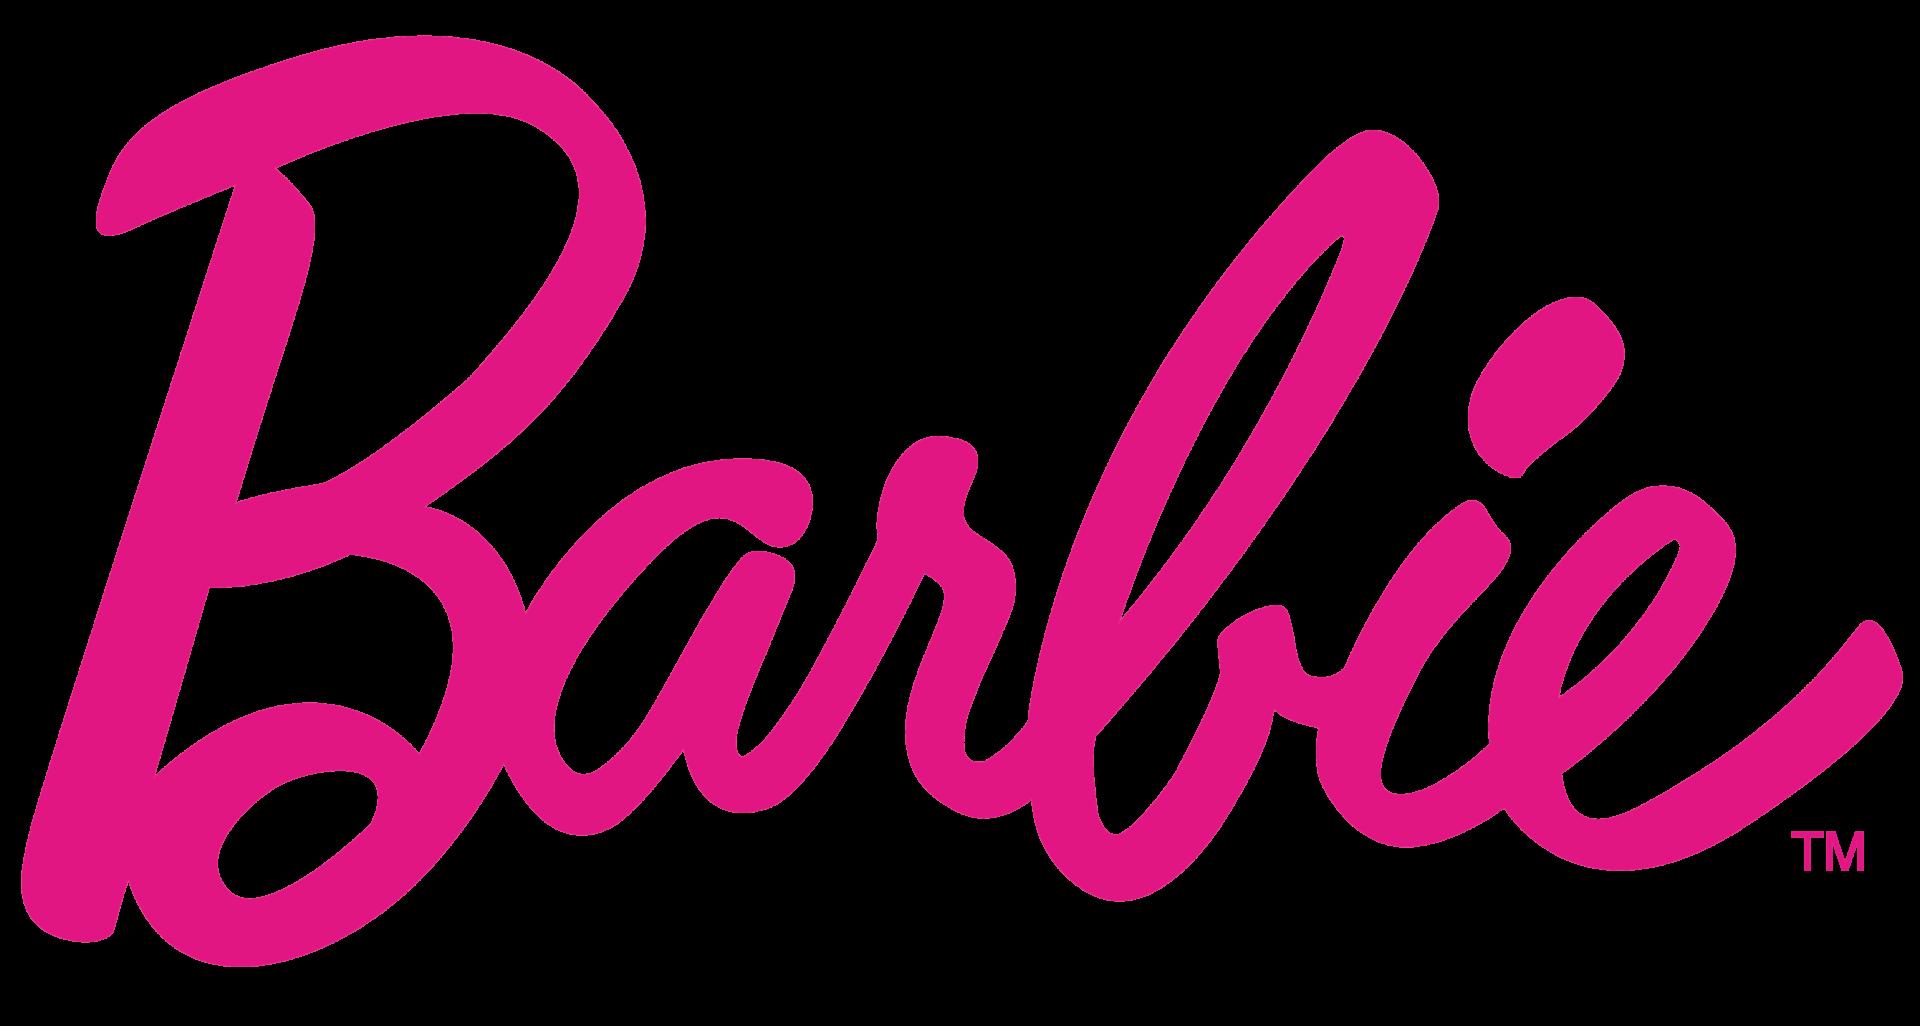 Βρείτε μεγάλη ποικιλία από παιχνίδια Barbie στο online κατάστημα του Puppets!